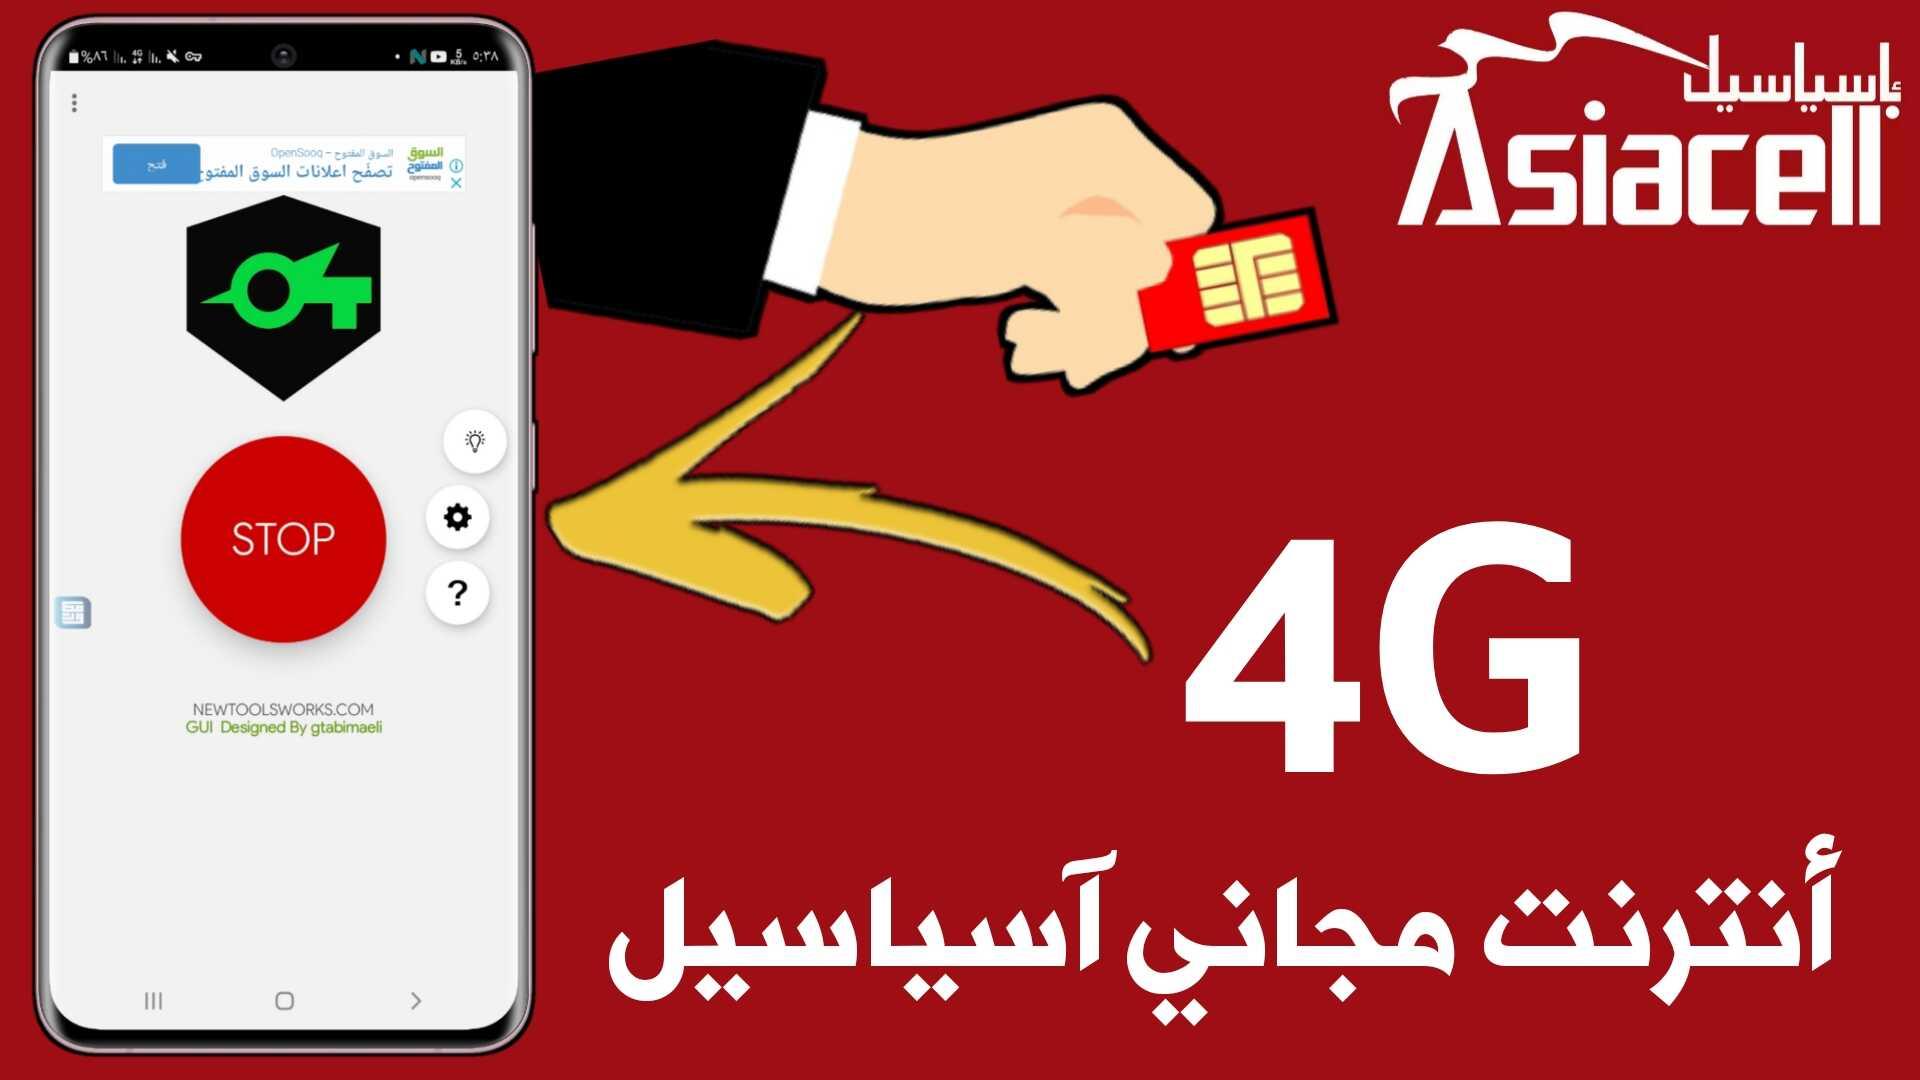 انترنت مجاني اسياسيل 4G بدون رصيد ولجميع الخطوط